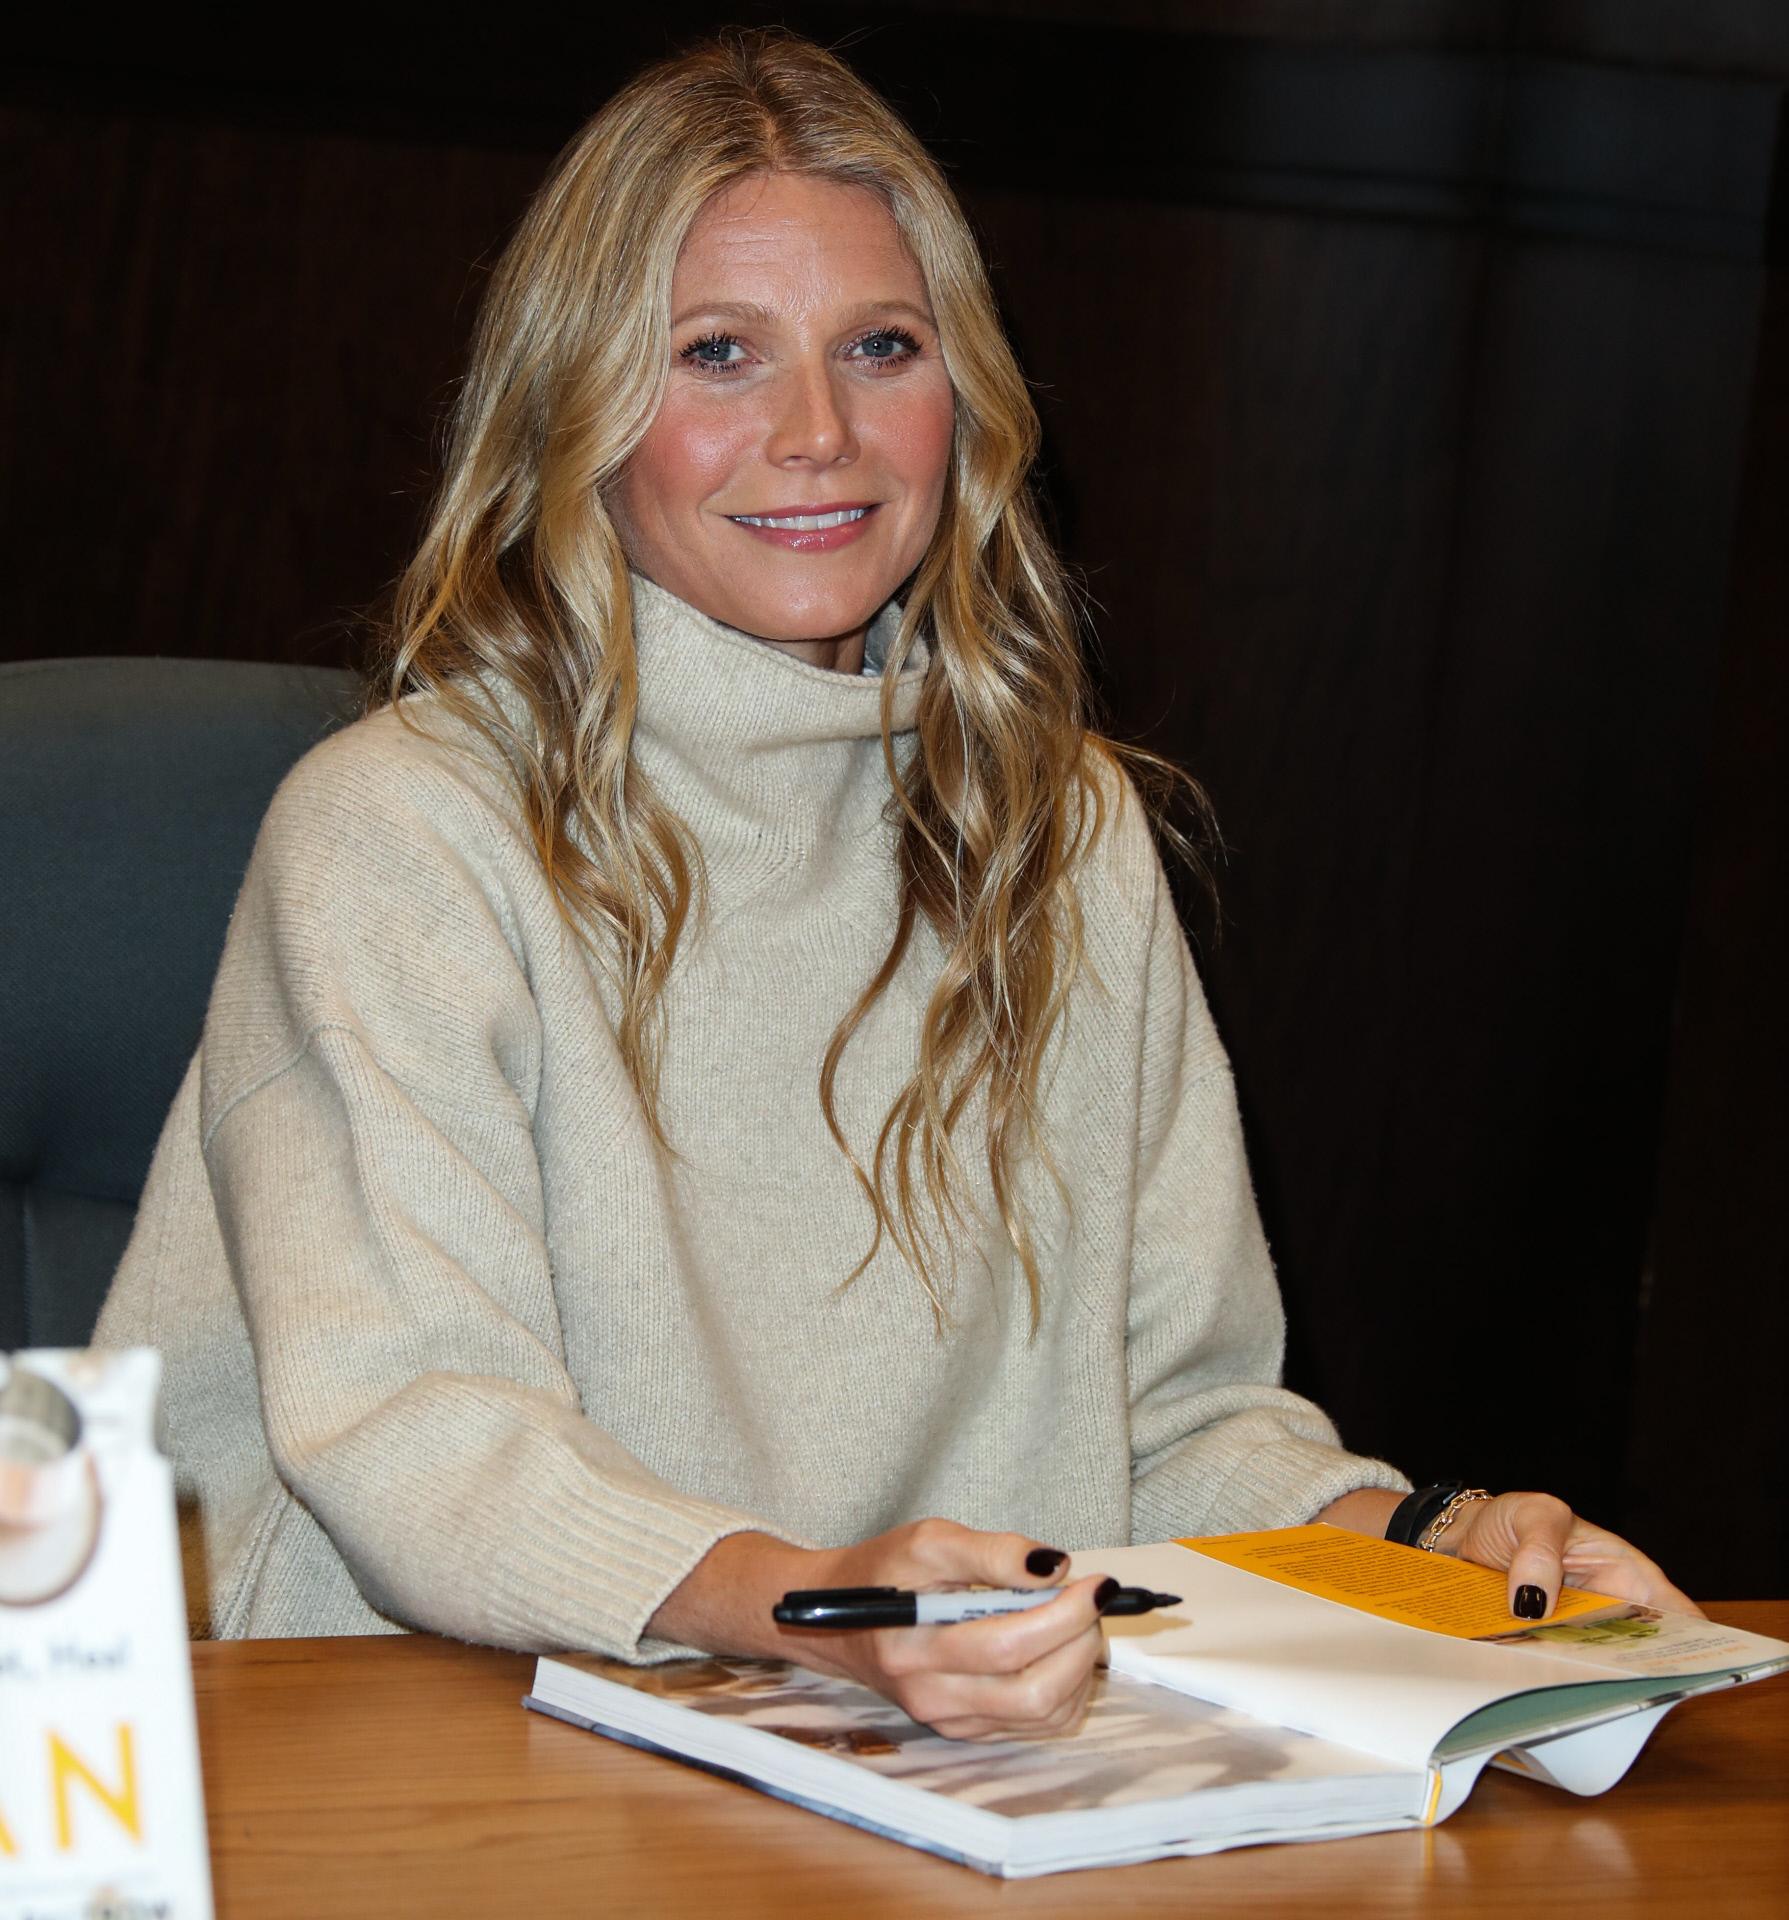 La actriz firmando libros